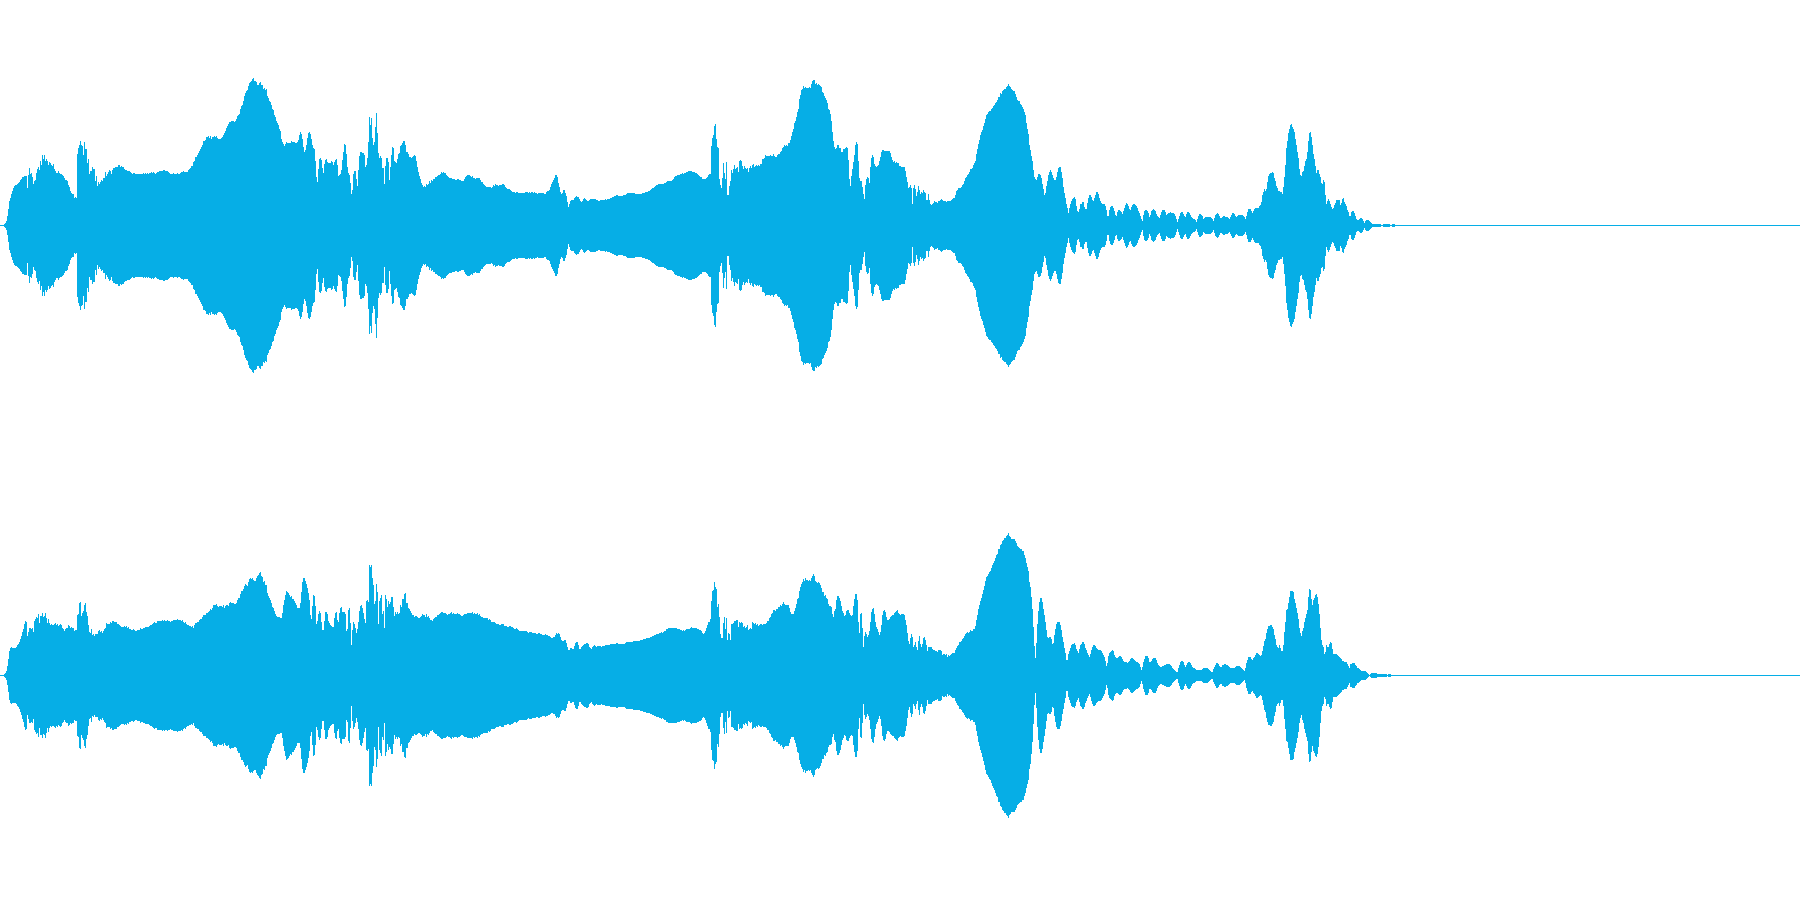 尺八 生演奏 古典風#14の再生済みの波形